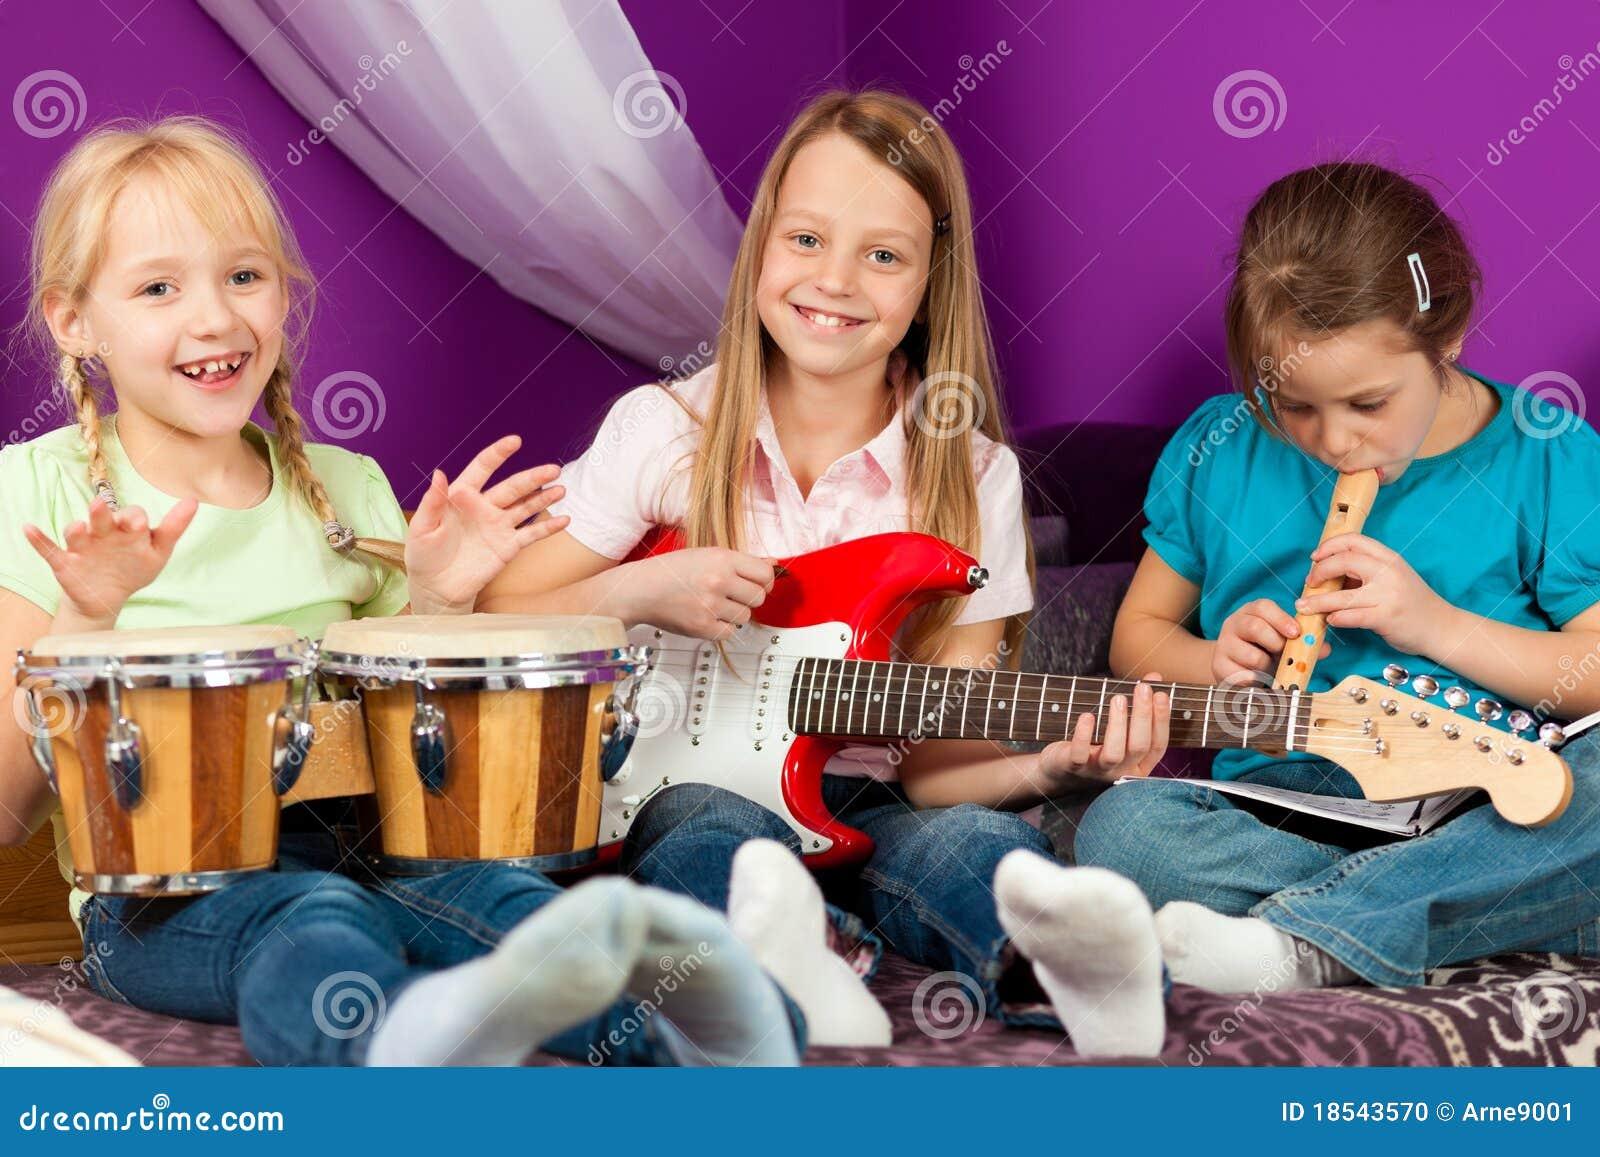 Children making music